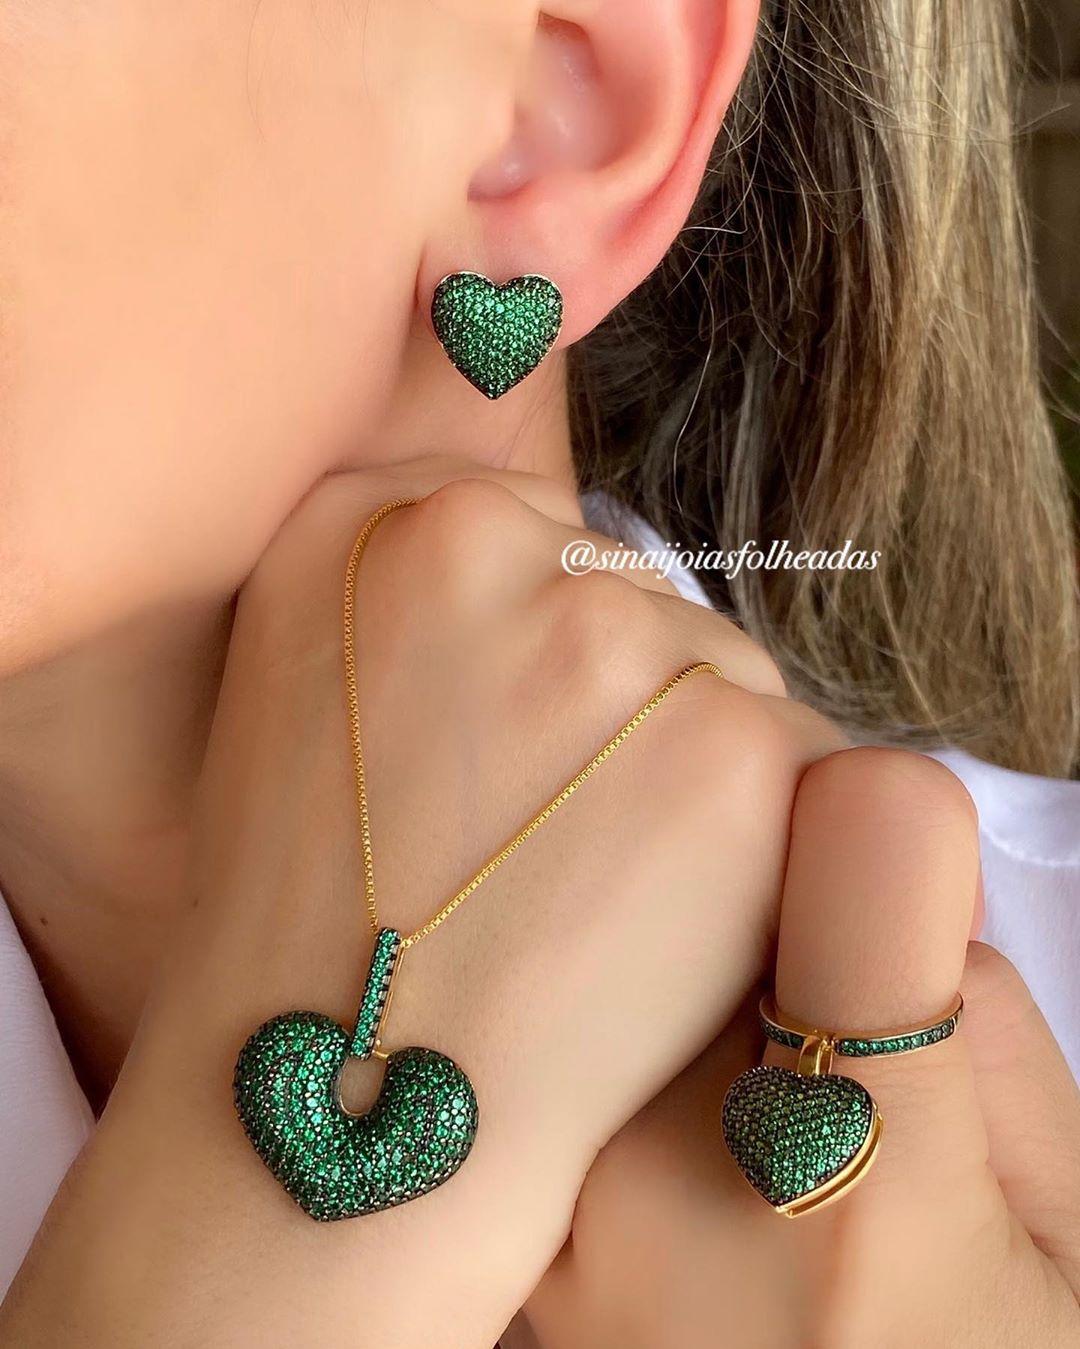 Um Luxo 💎 Colar ,Anel E Brincos Craveja Colarcoracao - Jewelry